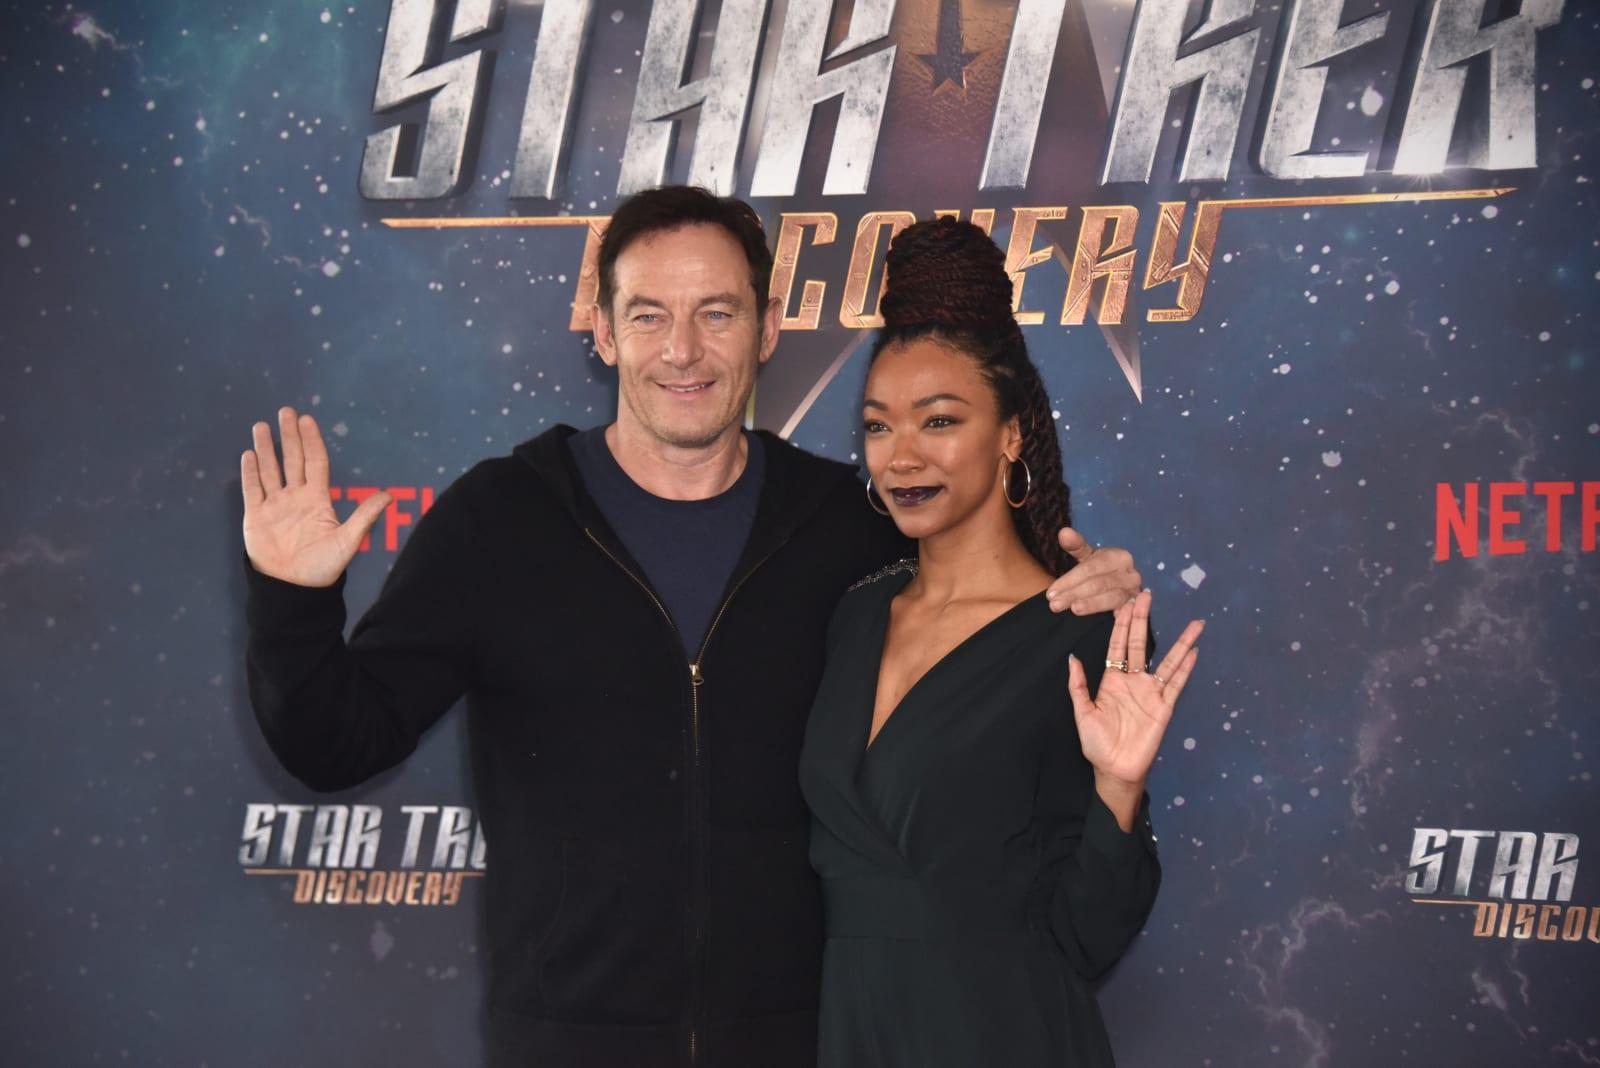 david m benett via getty images star trek discovery is - When Does Star Trek Discovery Resume